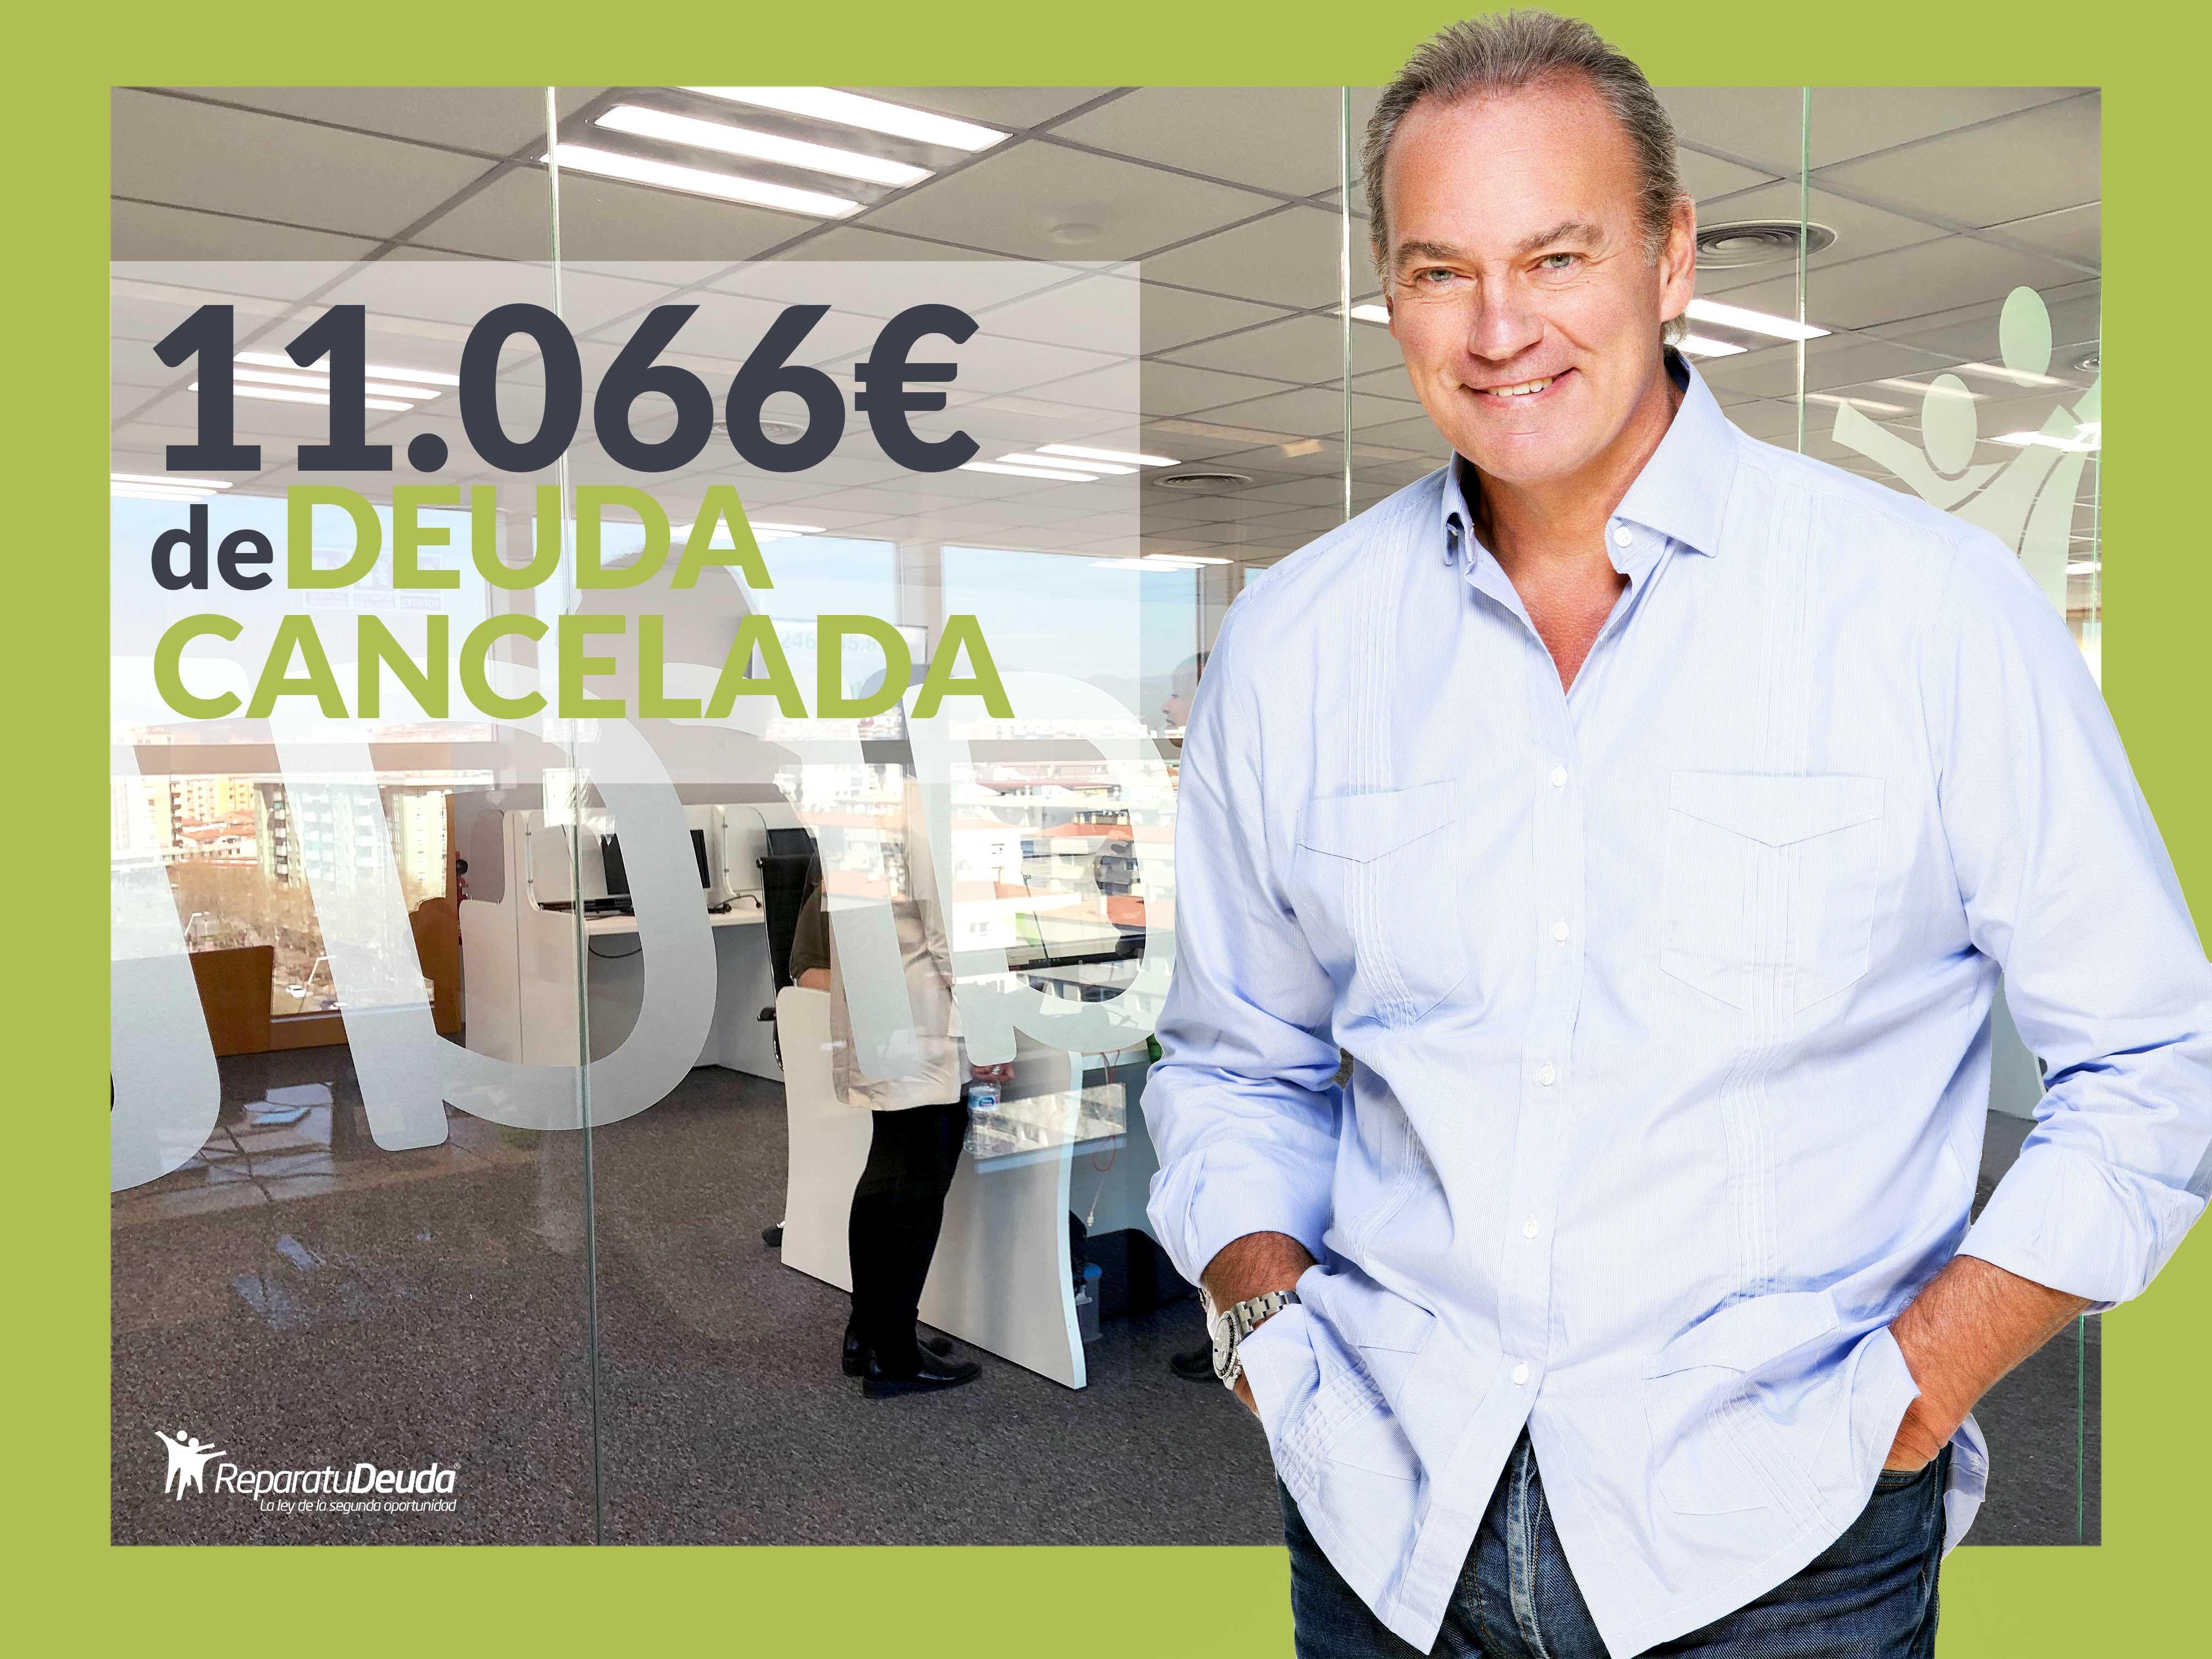 Repara tu Deuda Abogados cancela 11.066 ? en Zaragoza con la Ley de Segunda Oportunidad